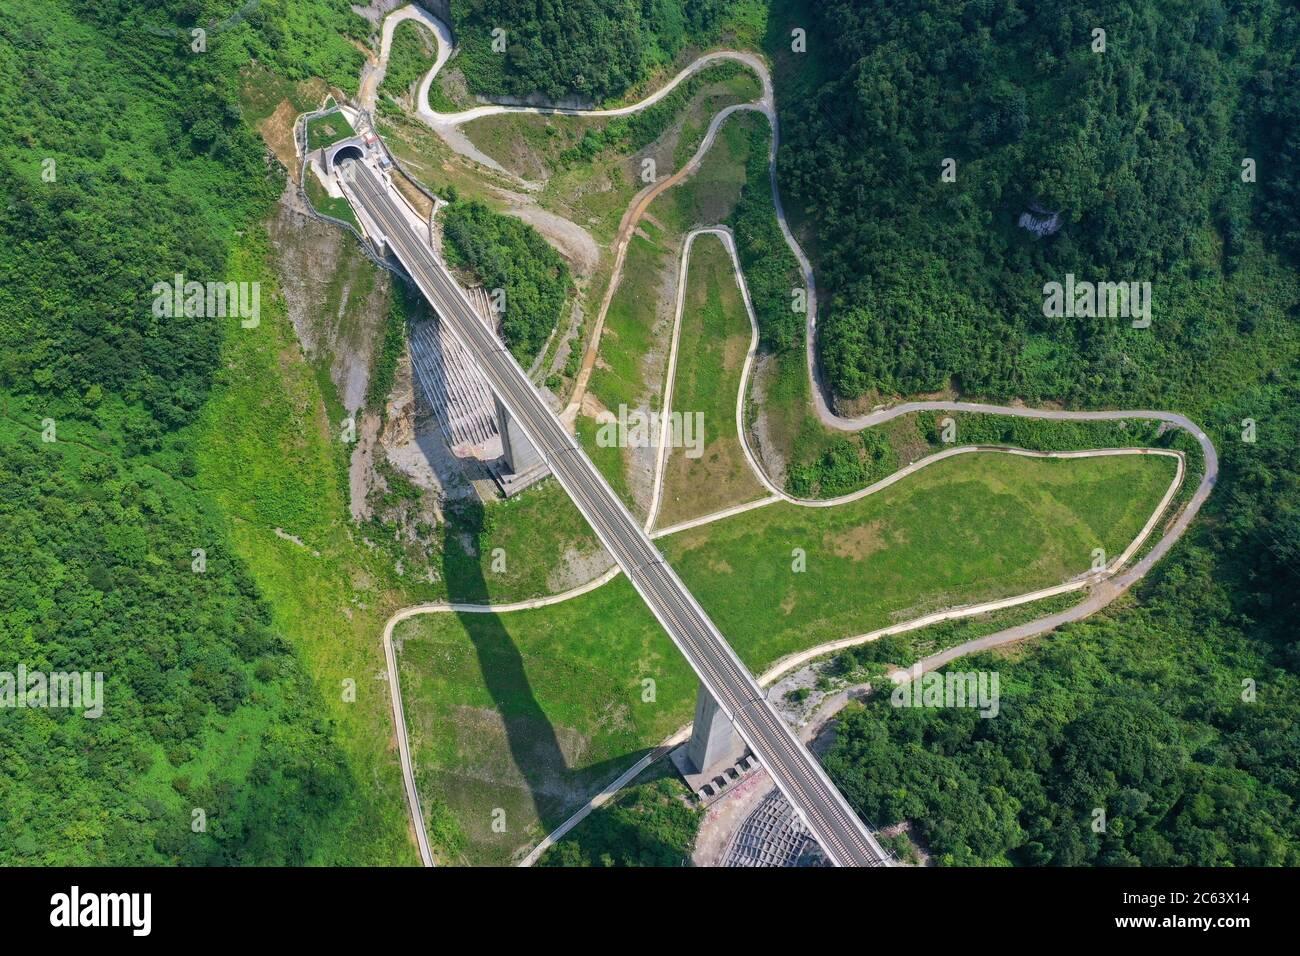 Pekín, China. 6 de julio de 2020. Foto aérea tomada el 6 de julio de 2020 muestra un puente ferroviario a lo largo del ferrocarril Anshun-Liupanshui en la provincia de Guizhou, al suroeste de China. El ferrocarril interurbano Anshun-Liupanshui, con una velocidad de 250 km por hora, está en preparación para su apertura. El ferrocarril acortará el tiempo de viaje entre Guiyang y Liupanshui de las actuales 3.5 horas a aproximadamente 1 hora, y la ciudad de Liupanshui estará completamente conectada con la red nacional de trenes de alta velocidad. Crédito: Liu Xu/Xinhua/Alamy Live News Foto de stock